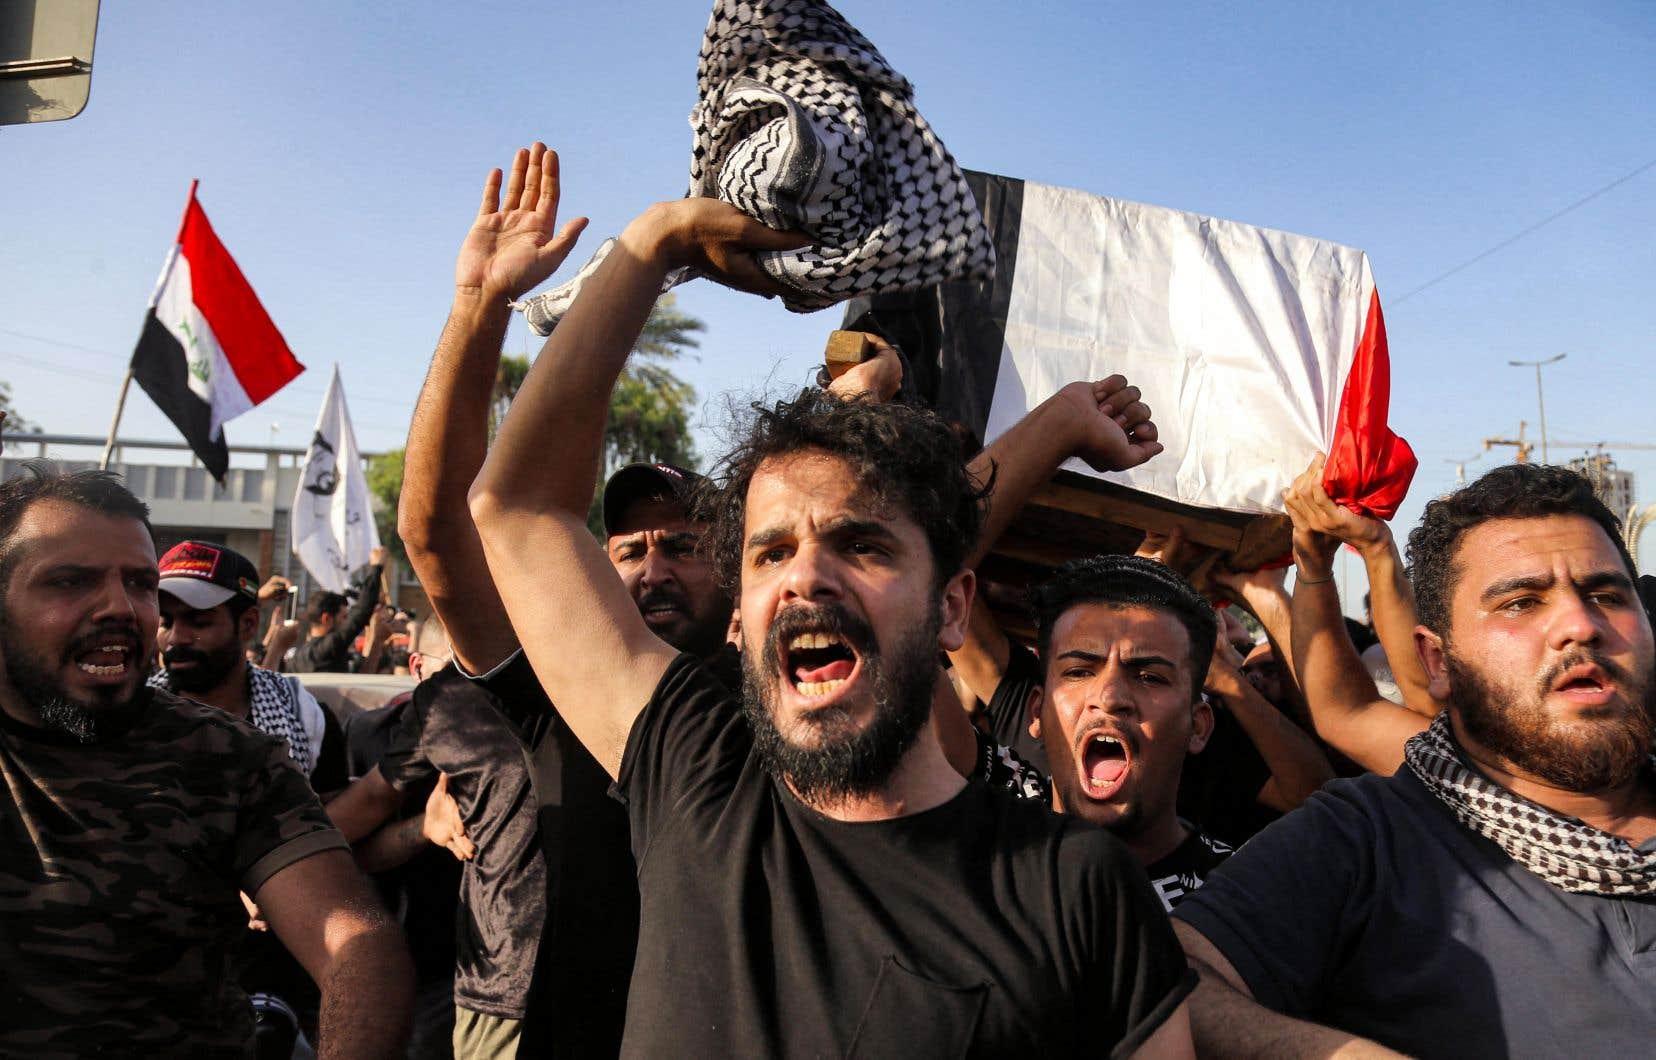 Des Irakiens ont transporté le corps d'Ehab al-Ouazni dans la rue en dénonçant l'inaction du gouvernement, la corruption et la désorganisation de l'État.